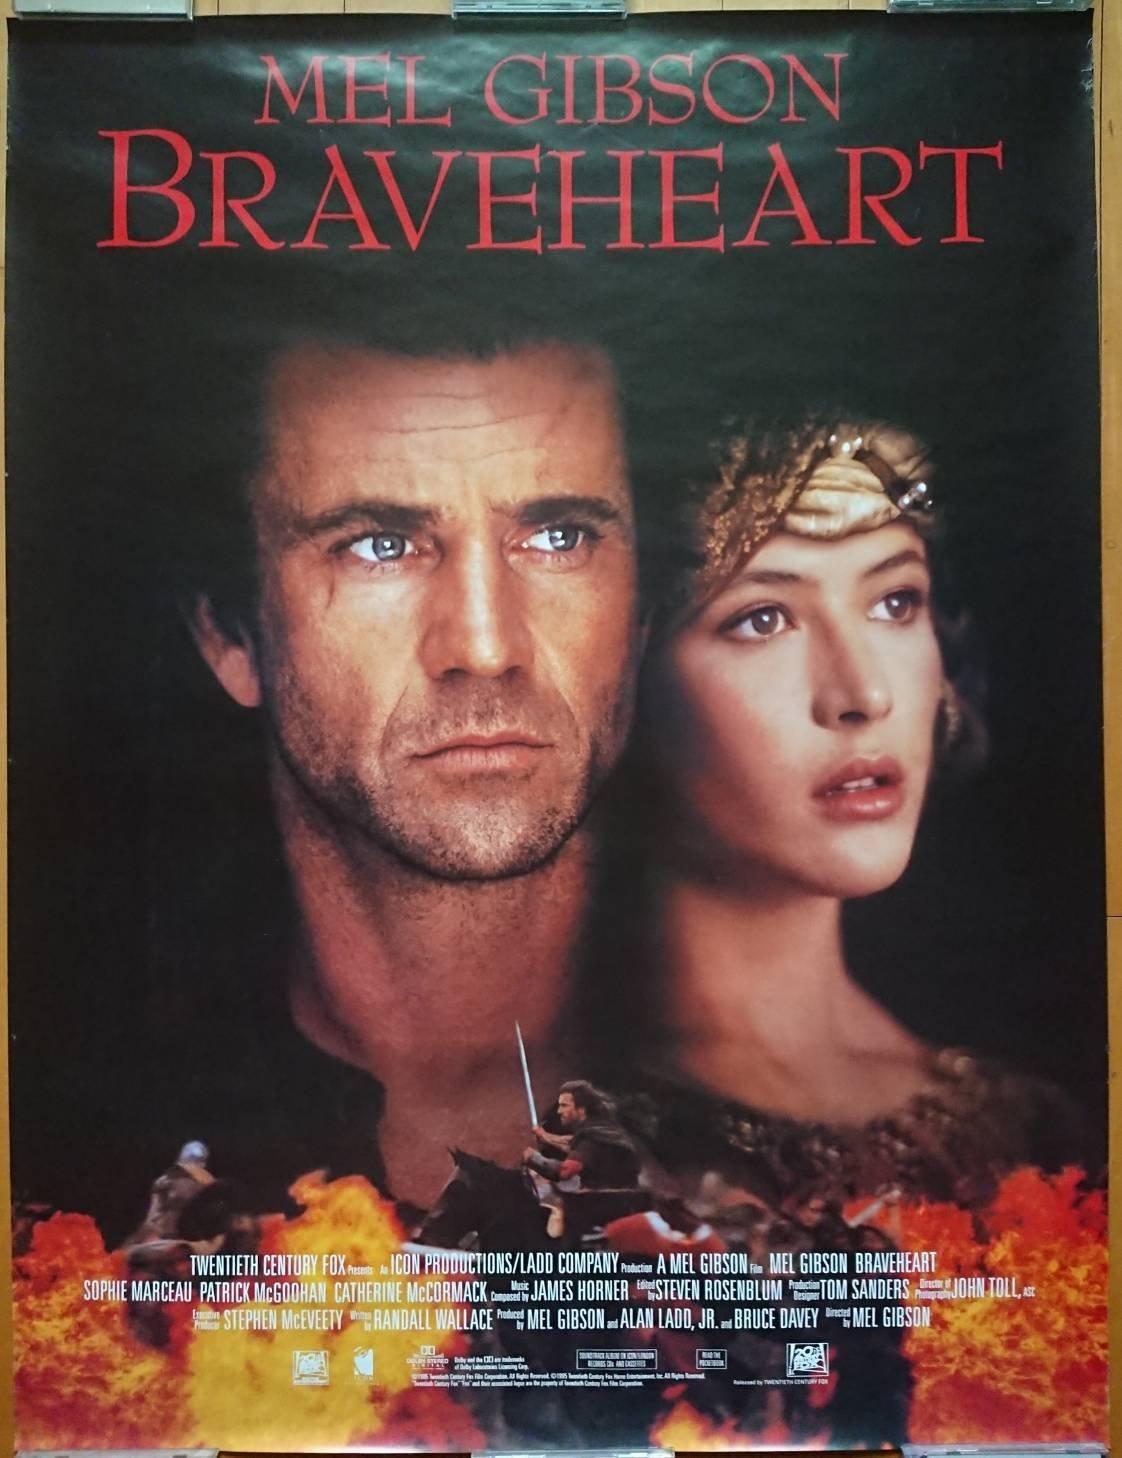 英雄本色 (Braveheart) - 梅爾吉勃遜 蘇菲瑪索 - 美國video發行電影海報 (1995年)